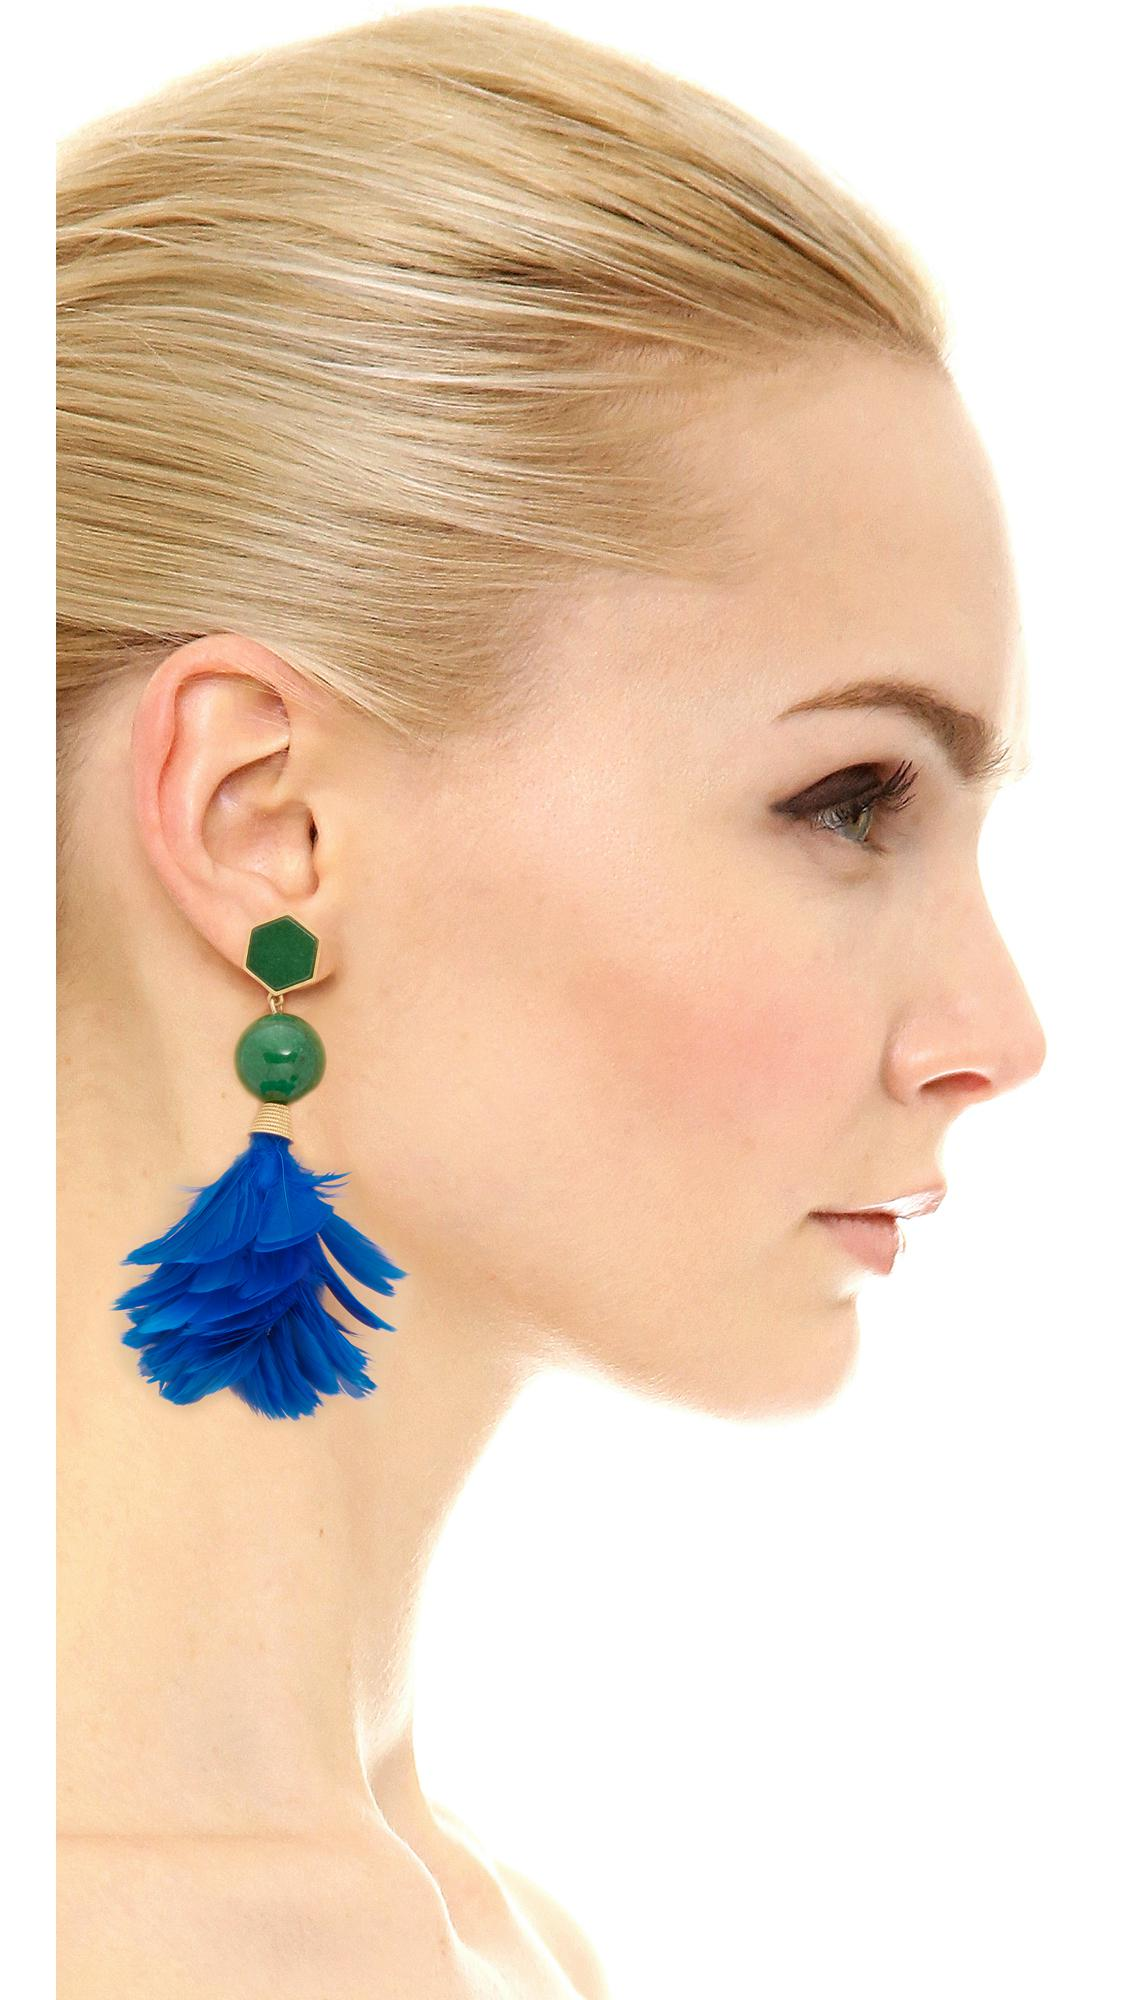 Tory Burch Feather Drop Earrings sZv3Kj2ei